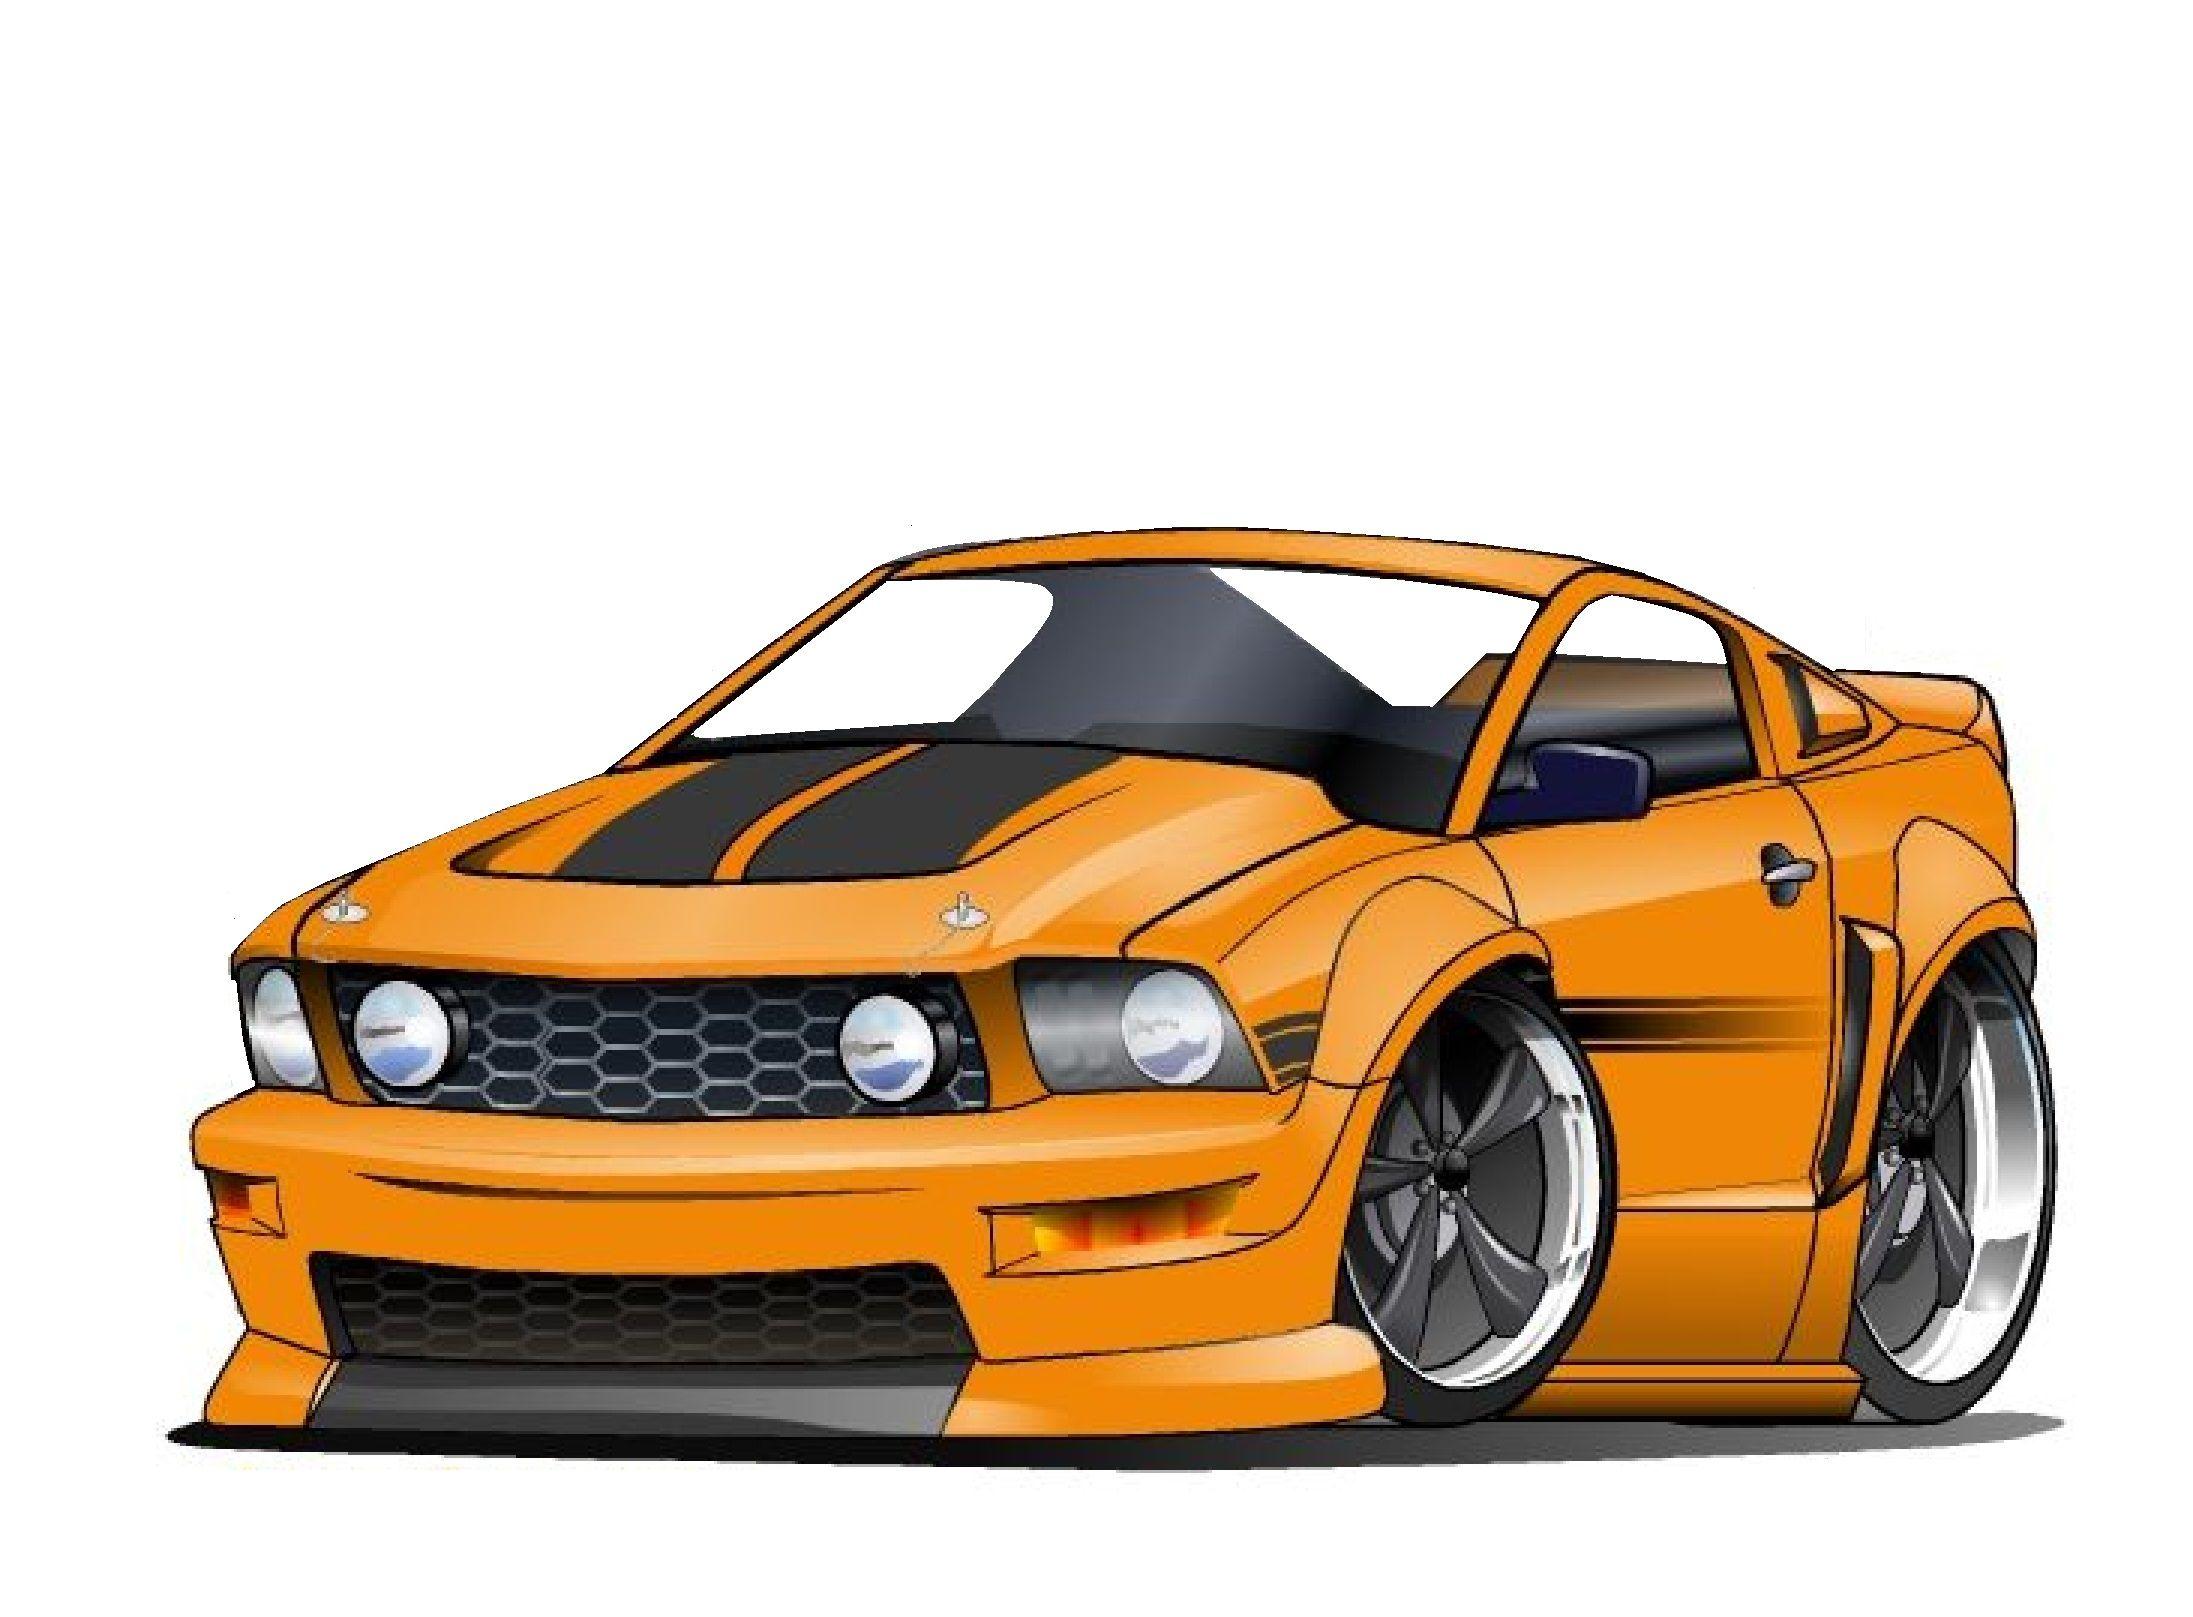 Krazy Car: Krazy Kar Kartoon #34